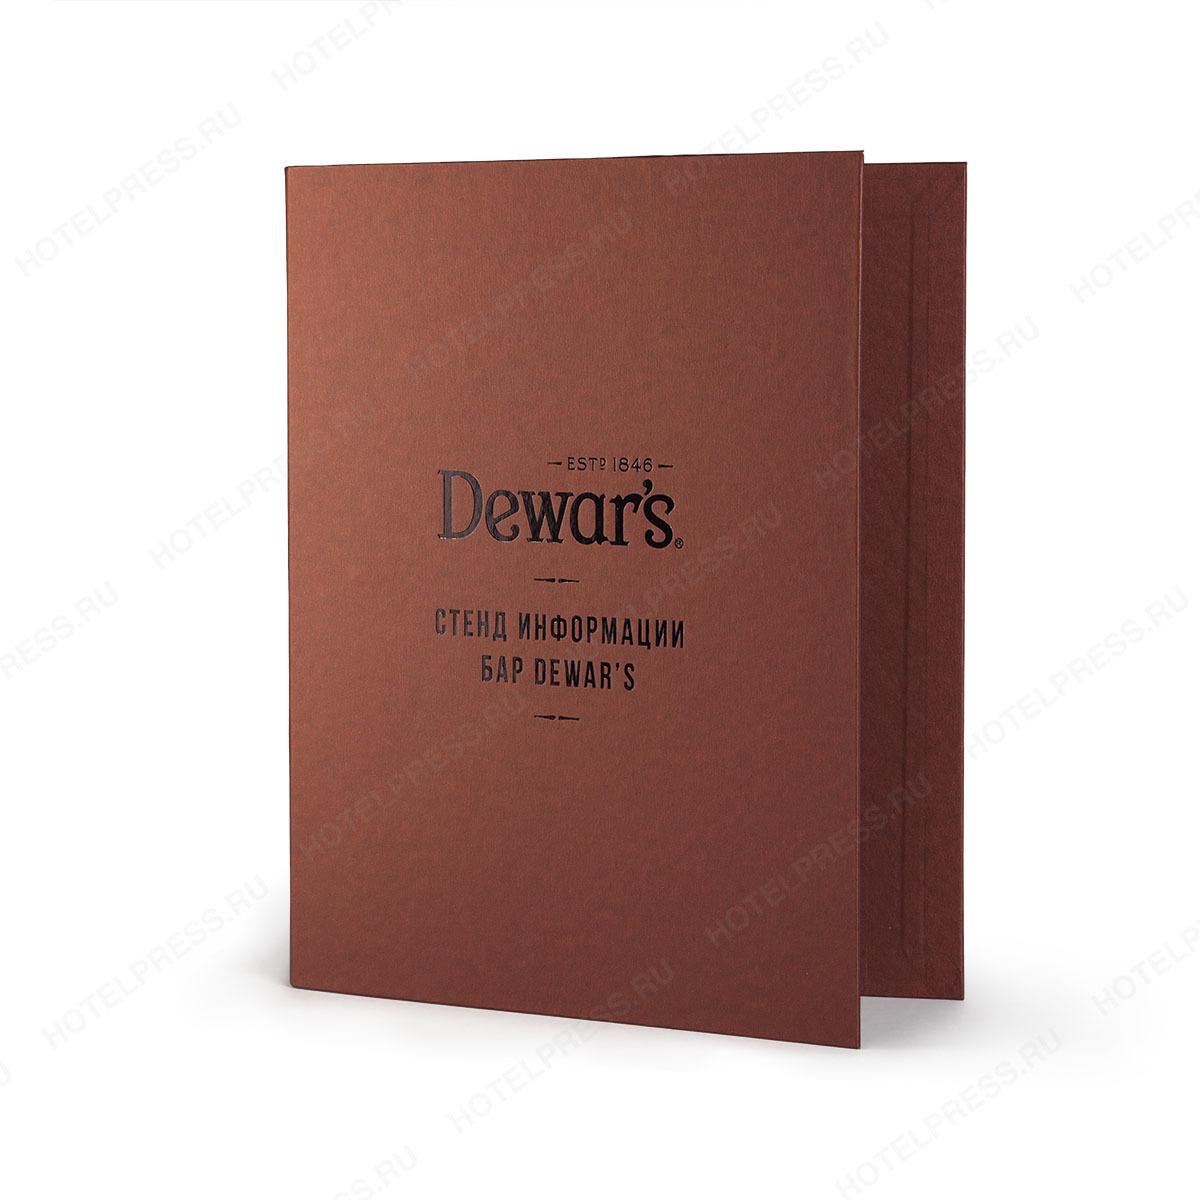 Папка в твердом переплёте из дизайнерской бумаги для бара Dewar's